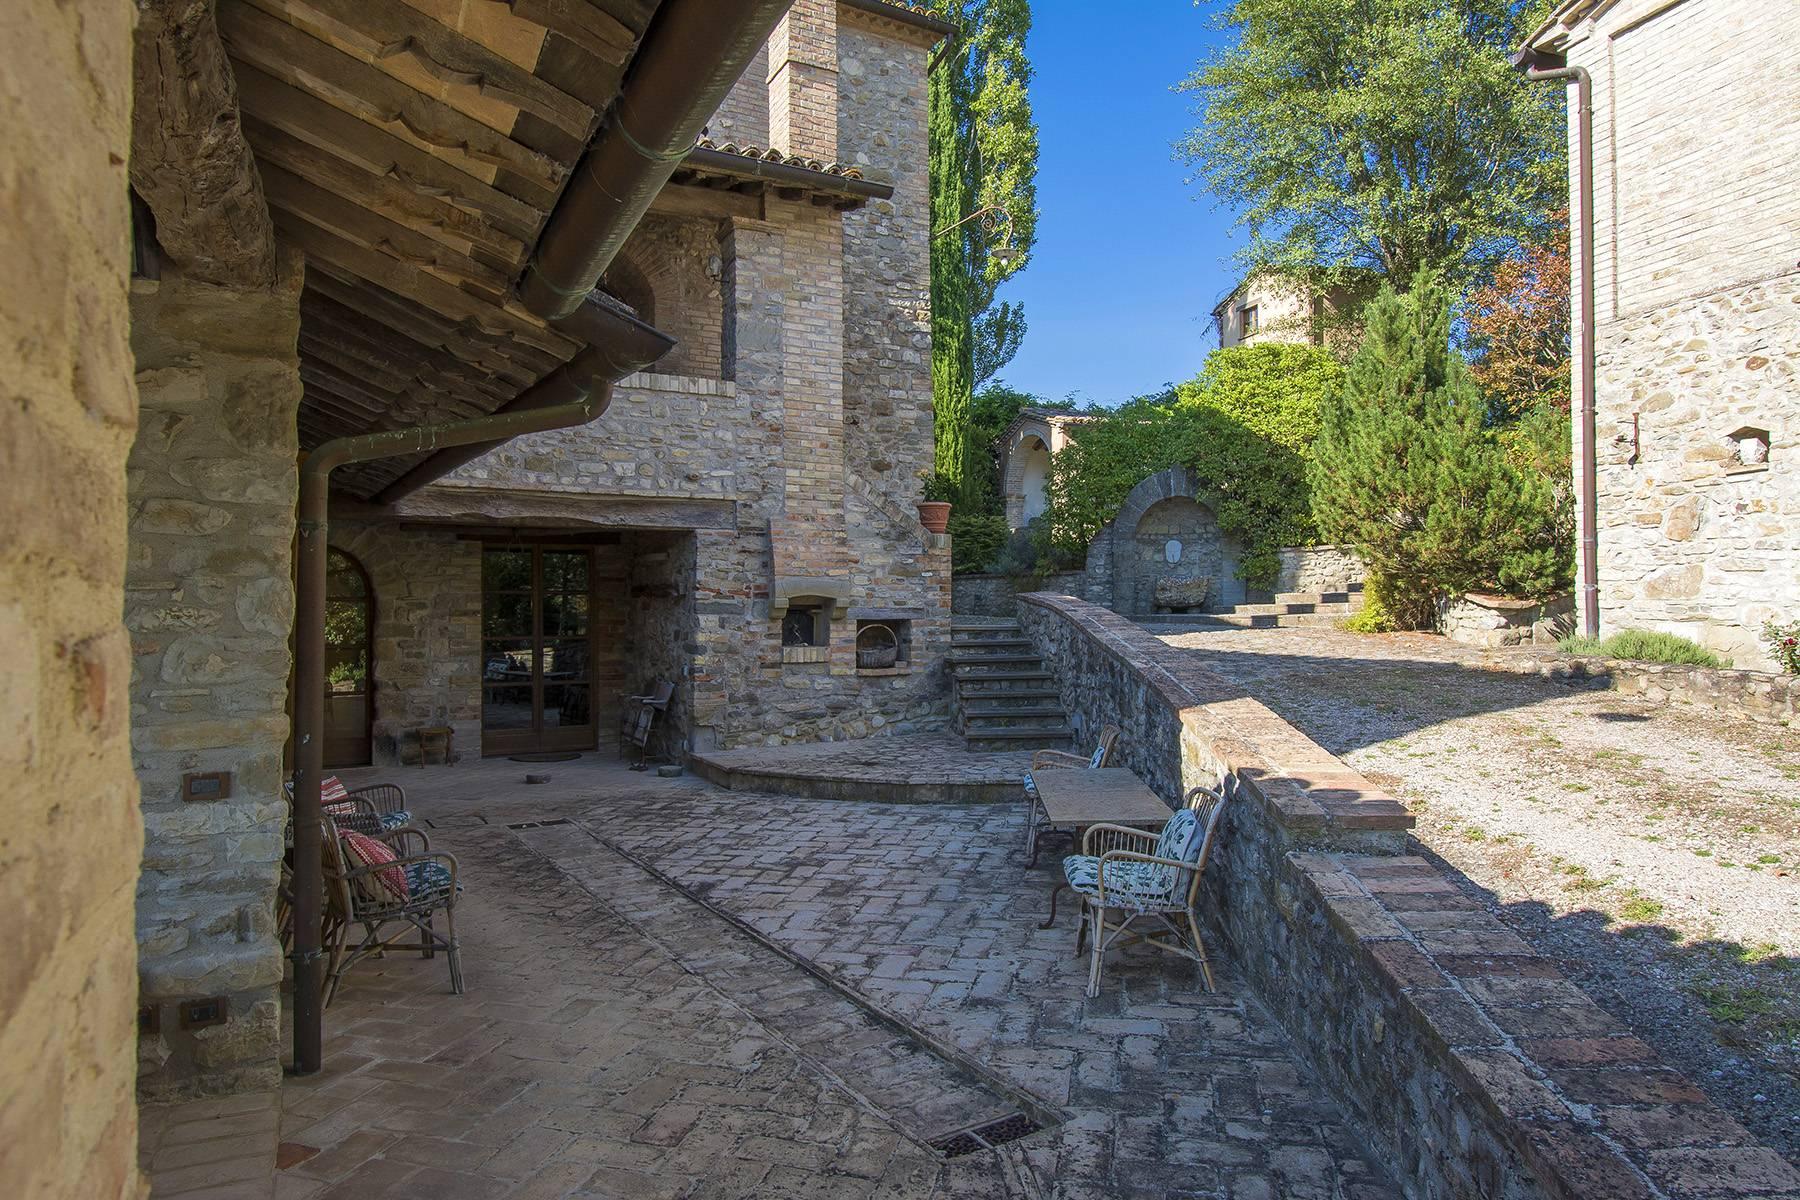 Rustico in Vendita a Montone: 5 locali, 700 mq - Foto 25